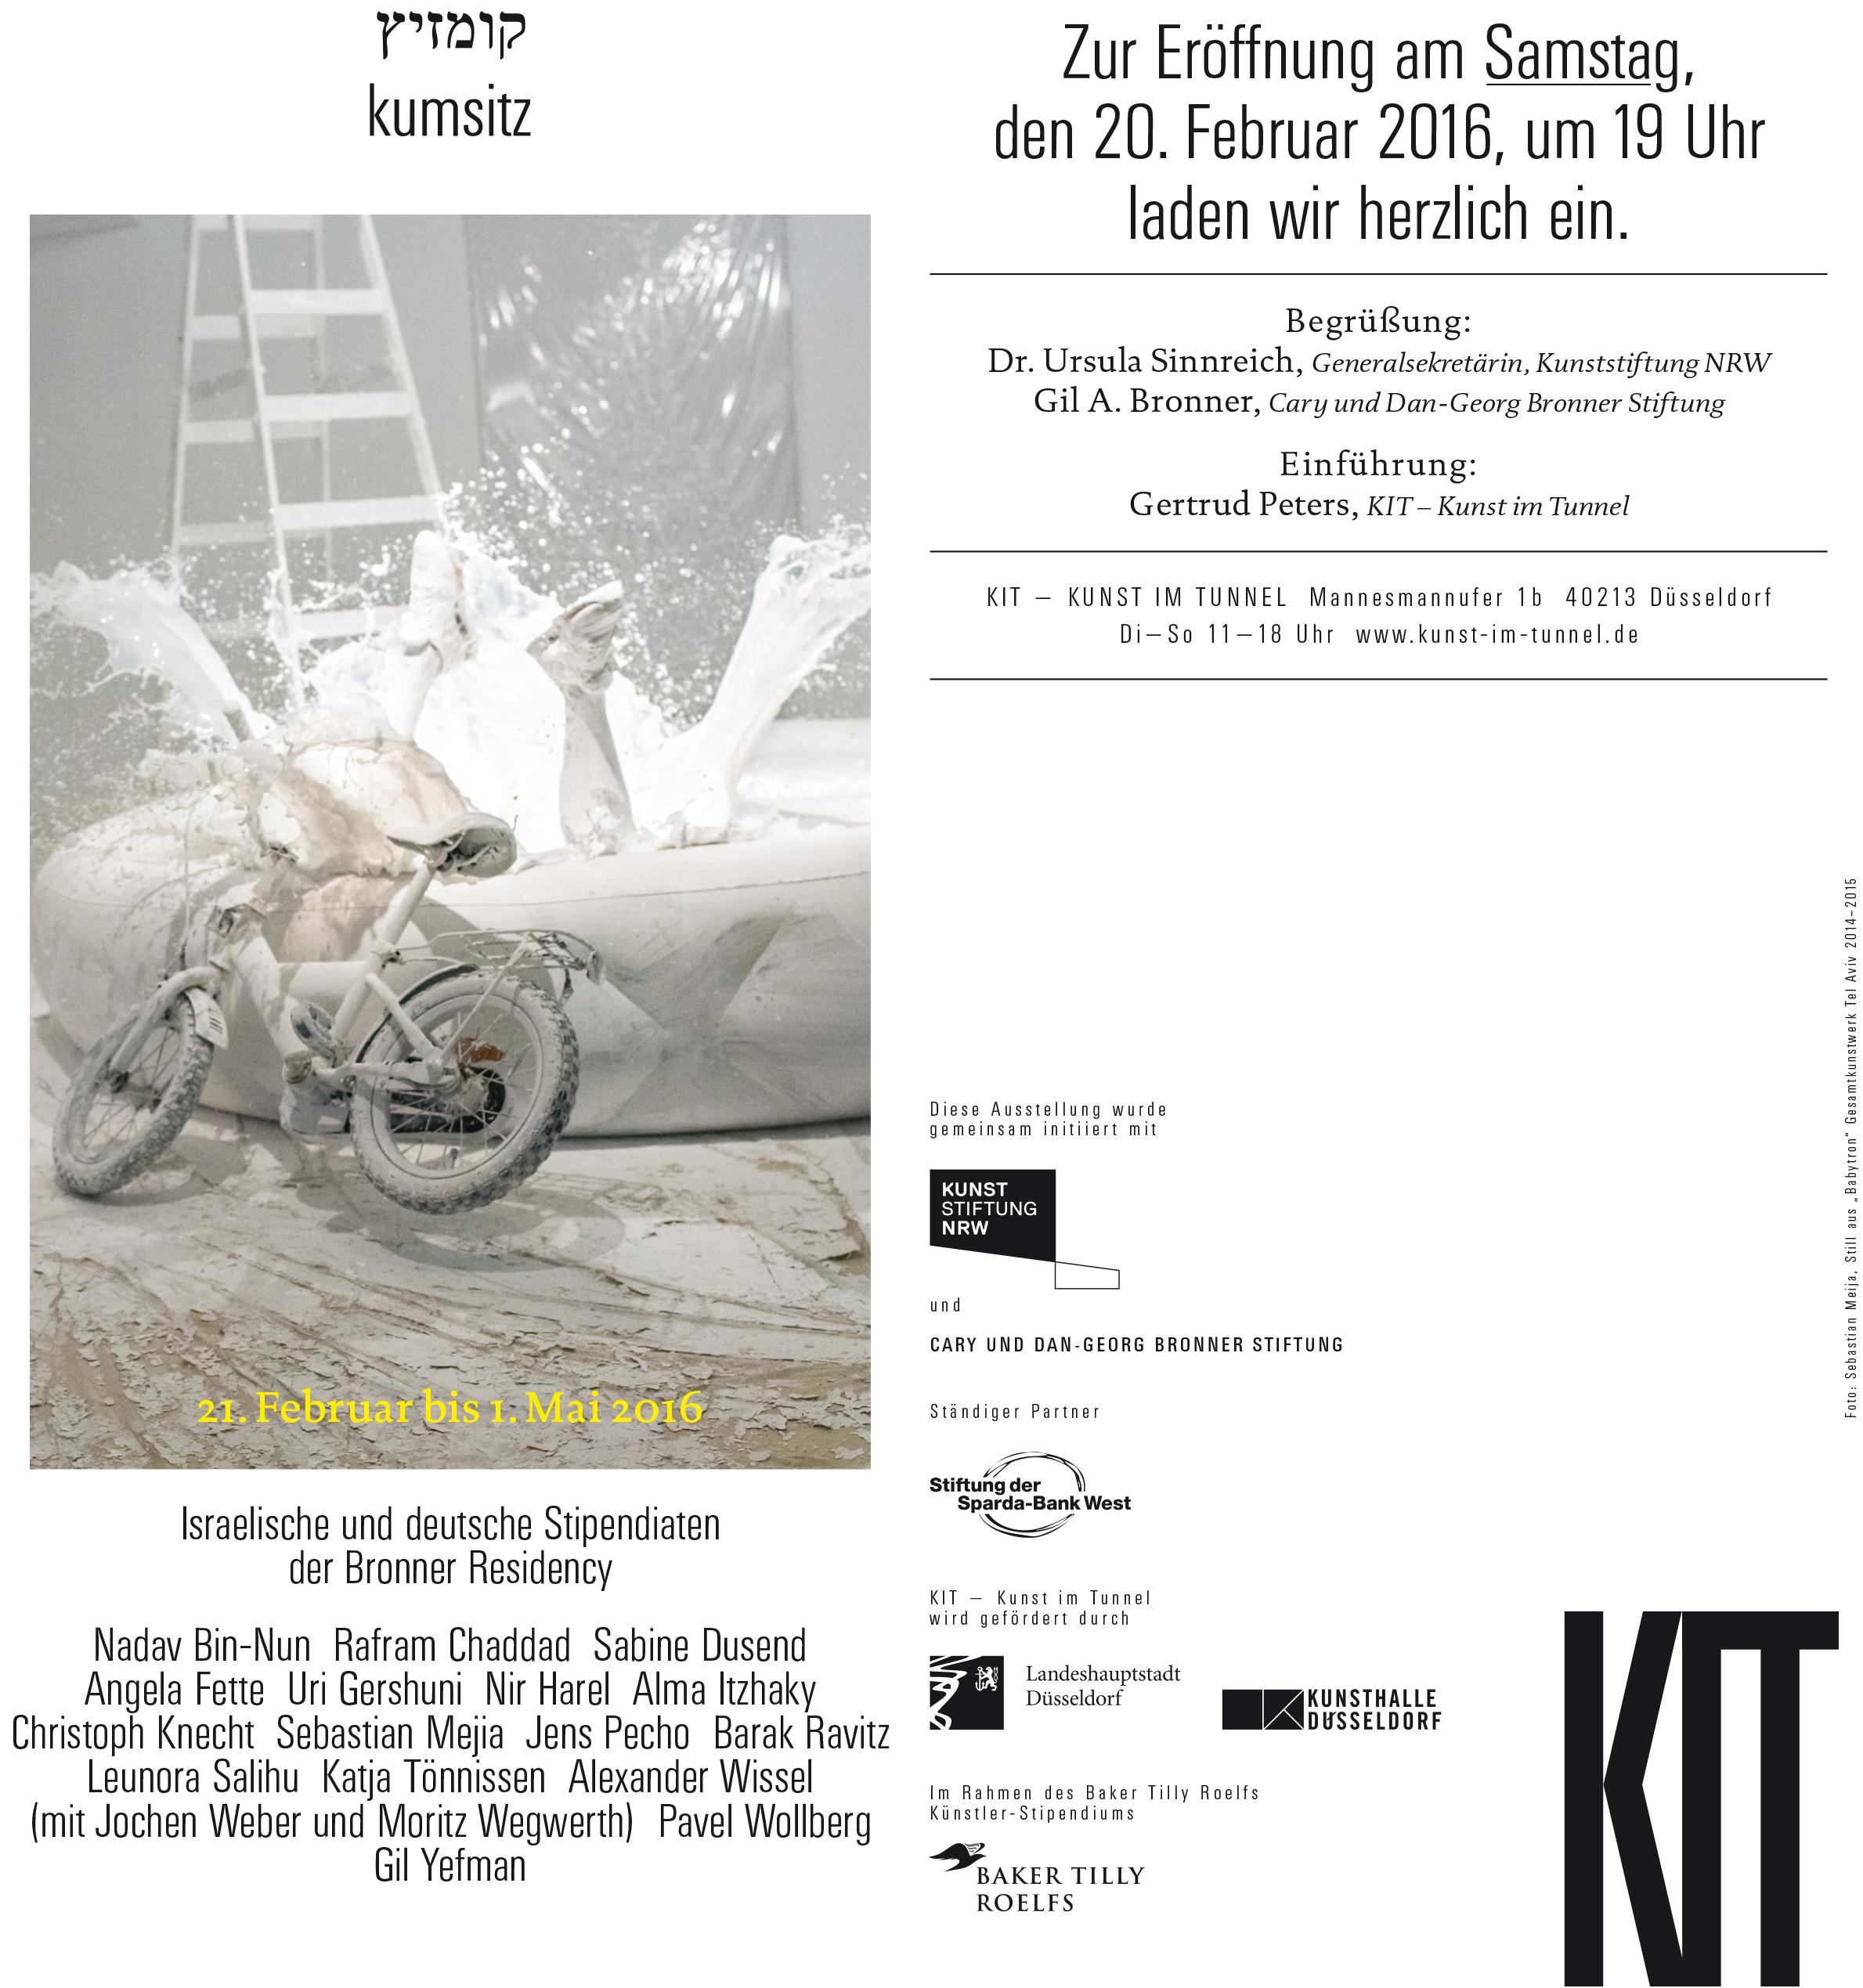 KIT_Kumsitz